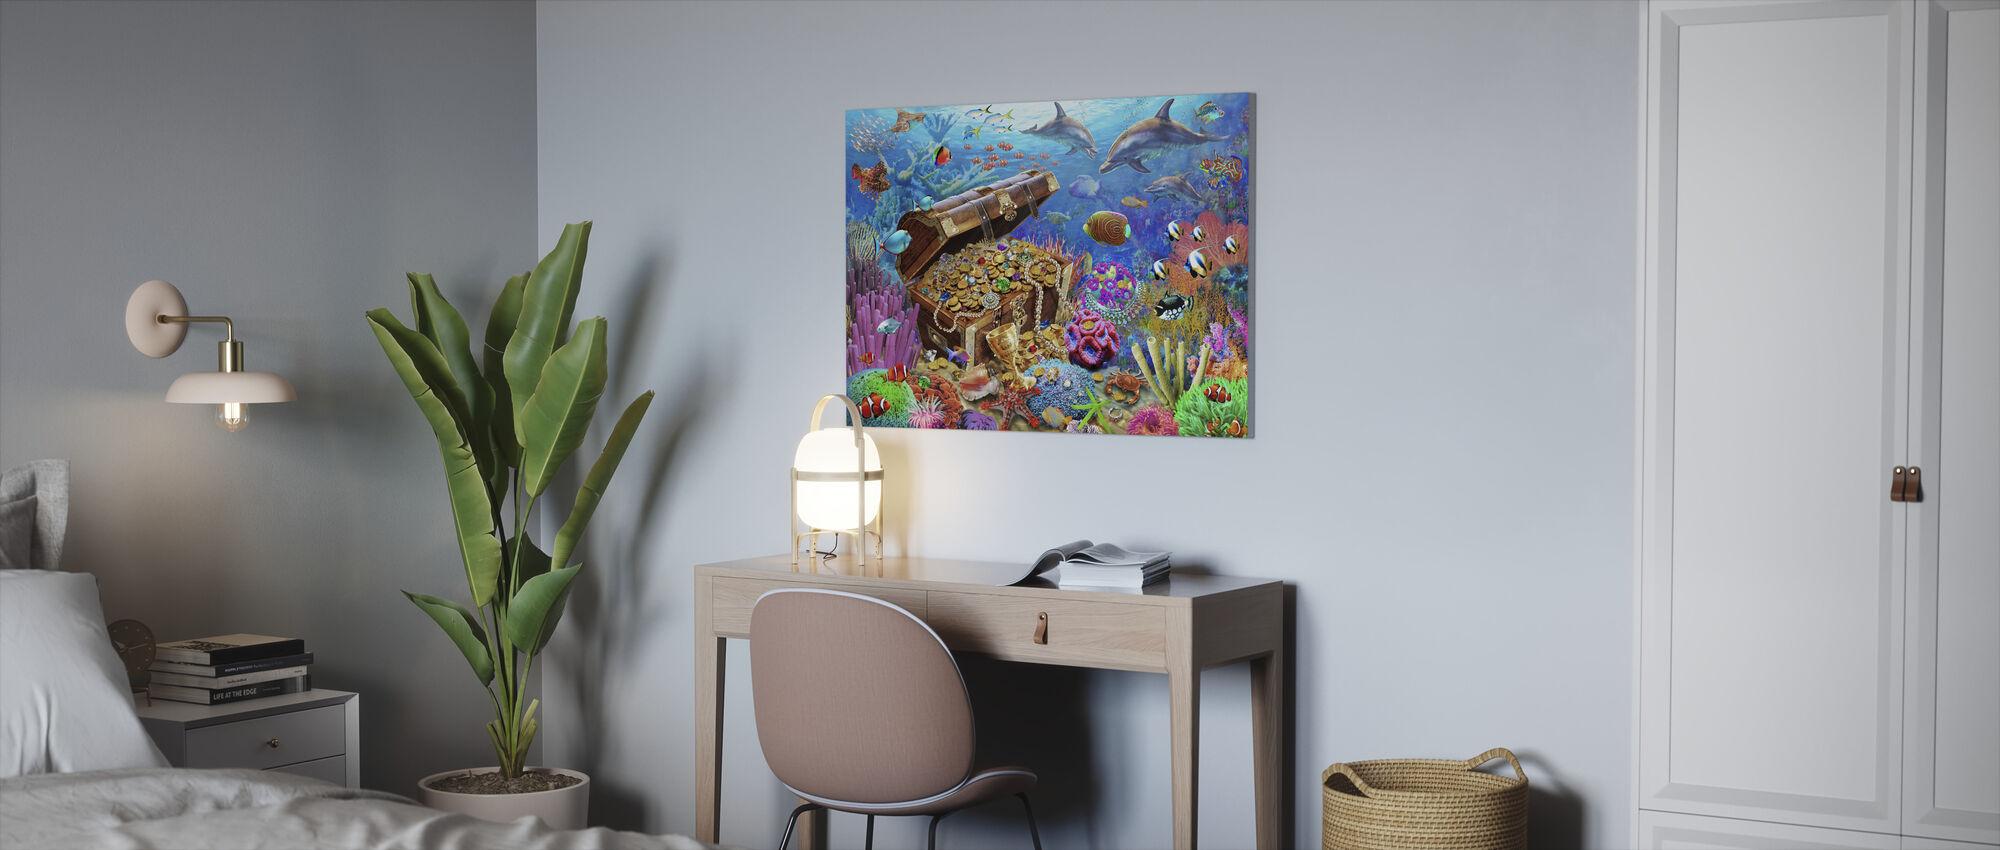 Undersjøiske skatten - Lerretsbilde - Kontor